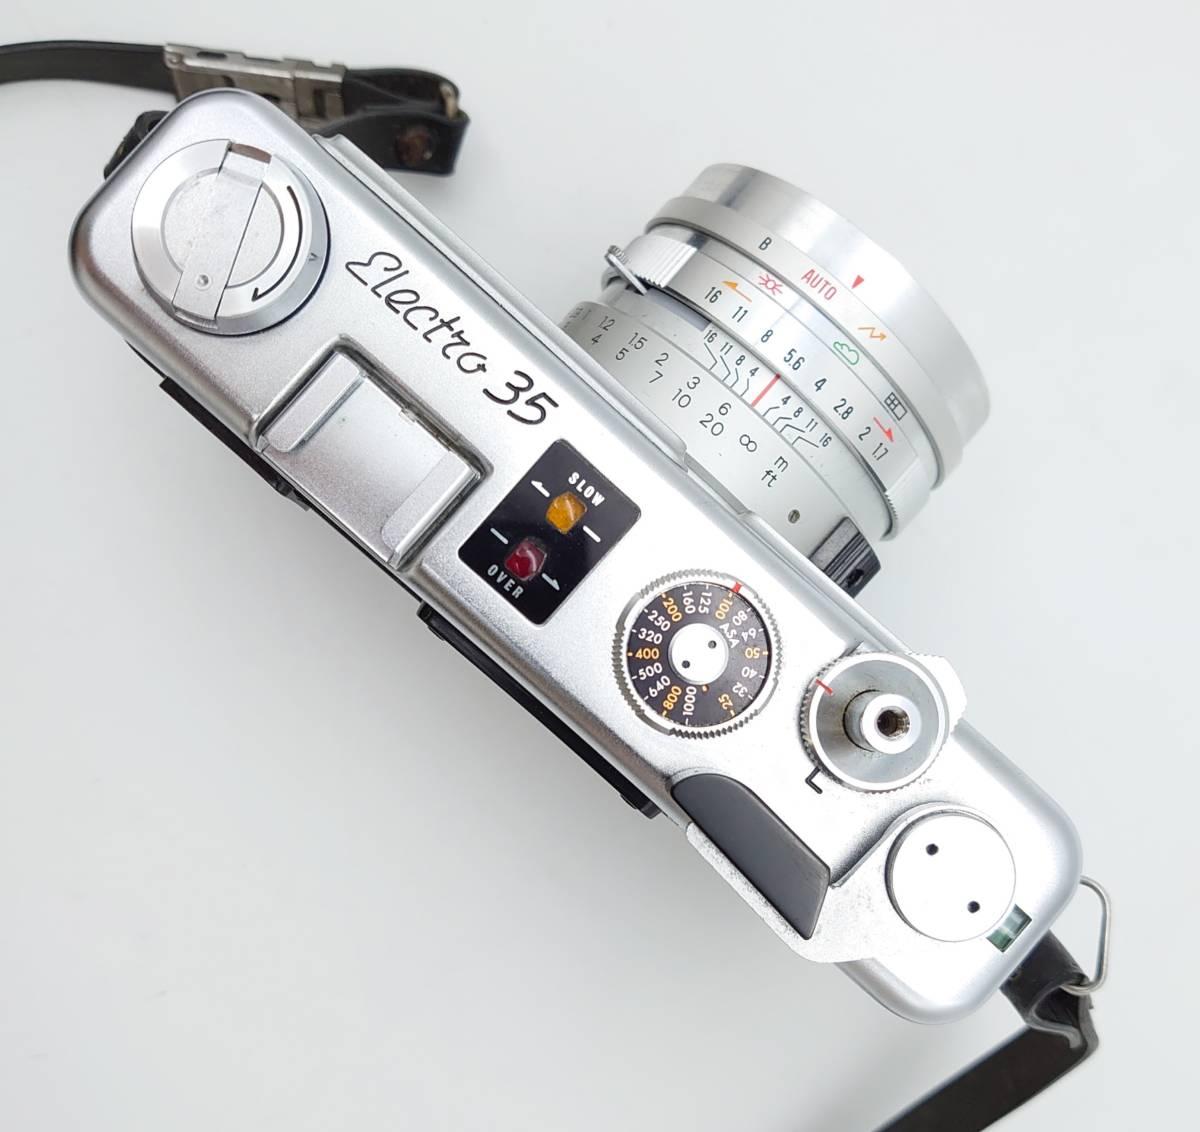 YASHICA ELECTRO35 GS ヤシカ エレクトロ35 GS レンズ 1:1.7 f=45㎜ カメラケース・レンズキャップ・ストラップ付 TT20200606_画像4